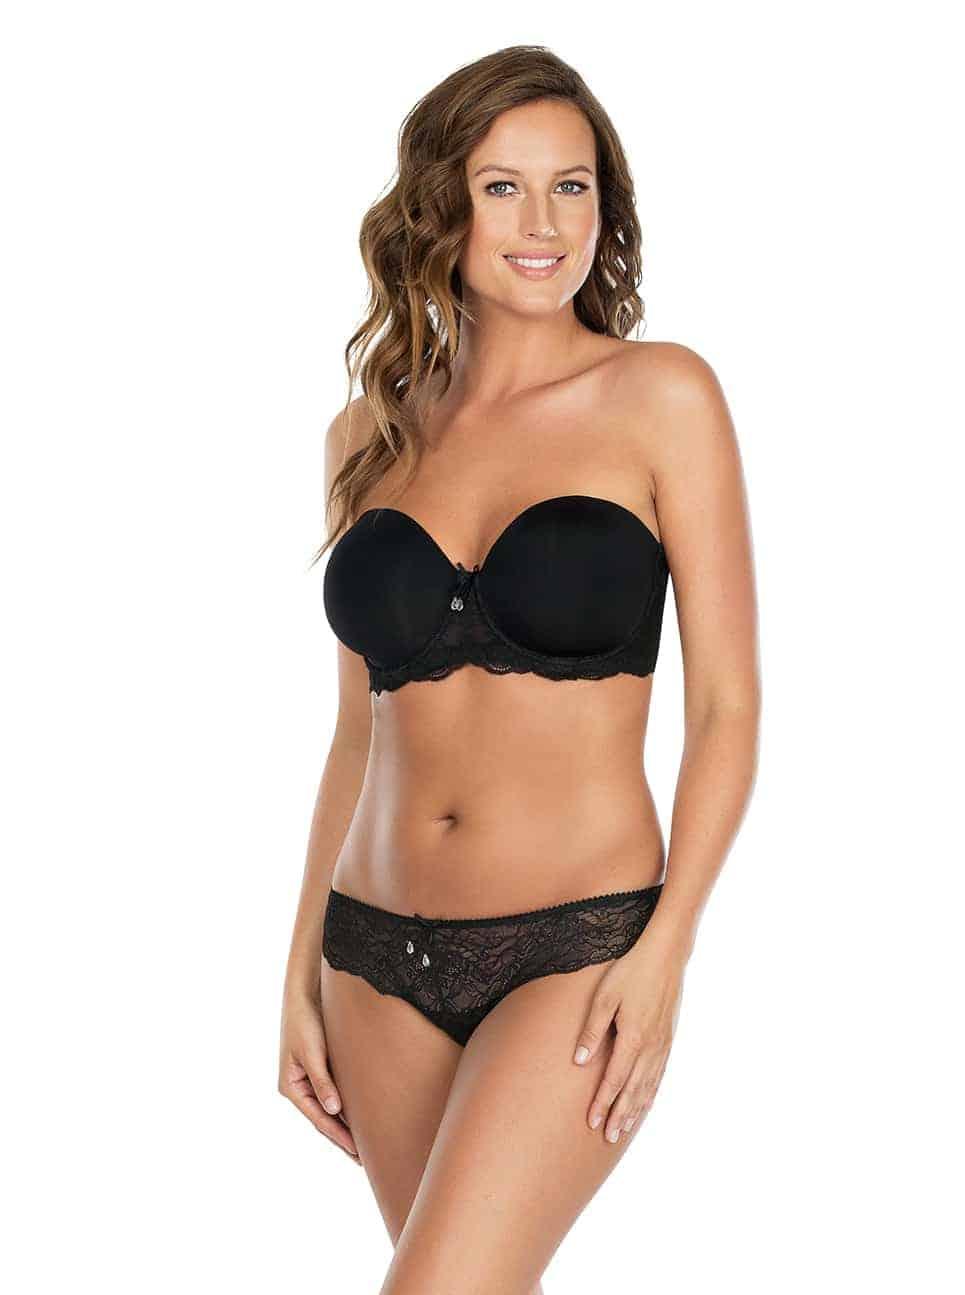 Elissa ContourUnderwireBraP5011 BikiniP5013 Black Strapless Front 2 - Elissa Strapless Bra - Black - P5011